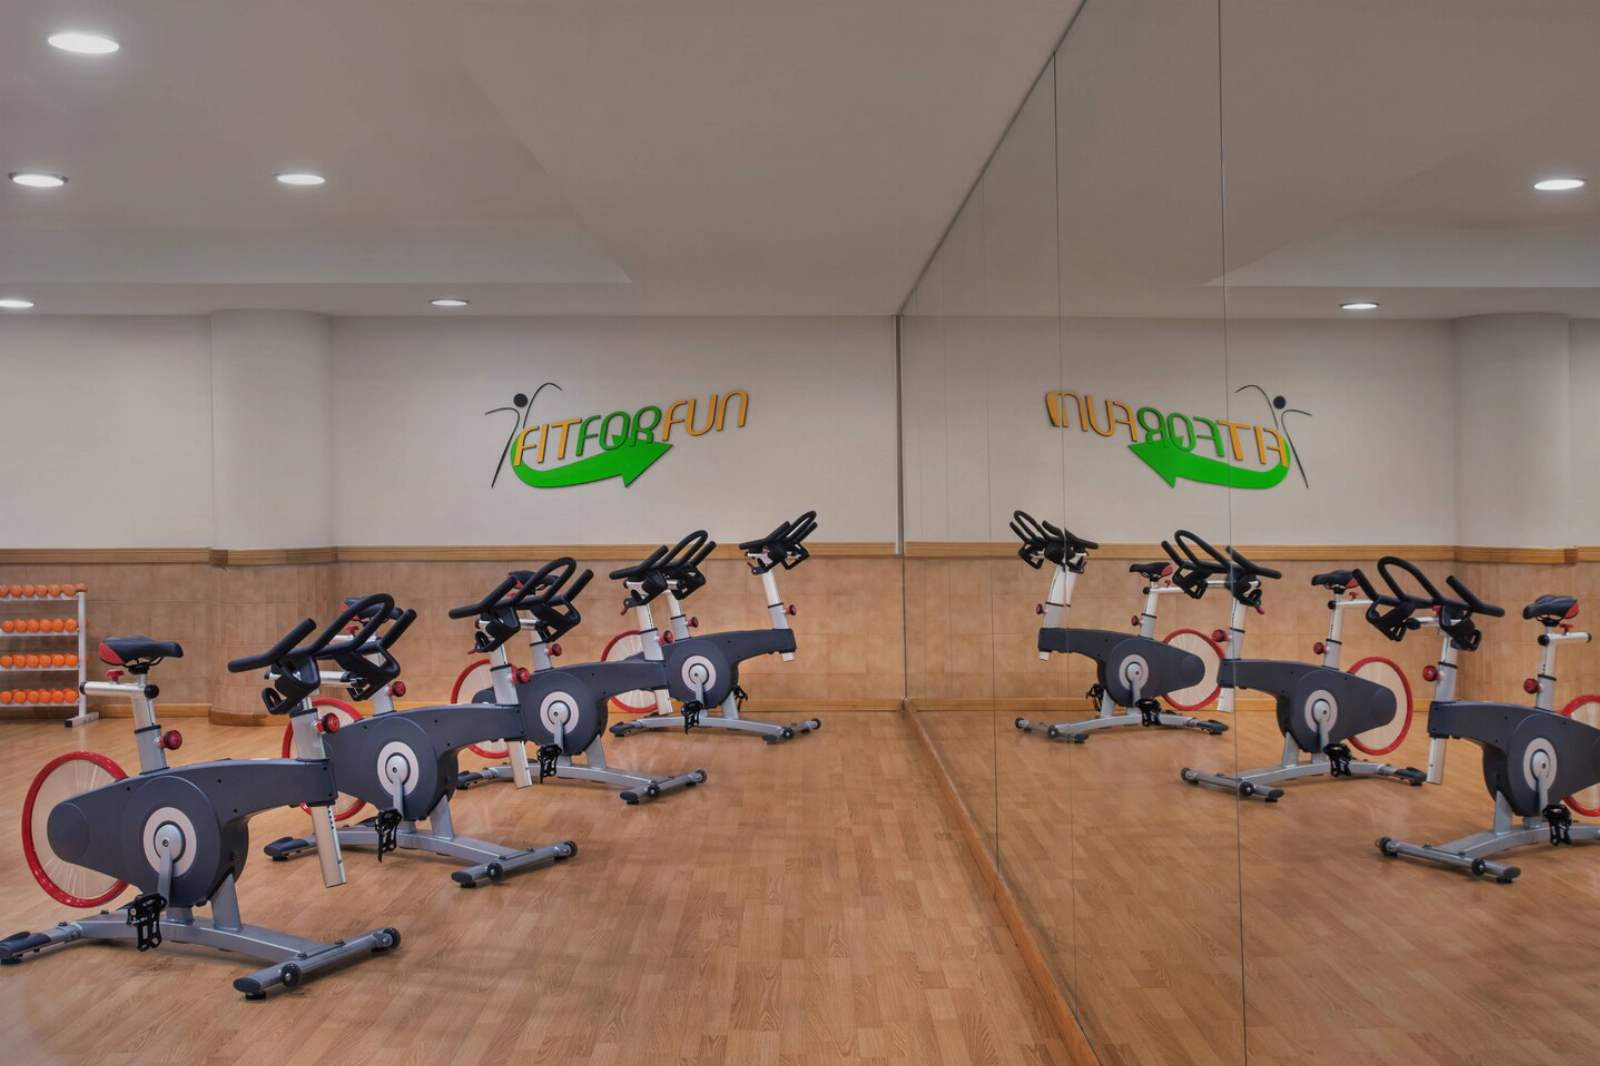 Marriott's Marbella Beach Resort - Fitness Centre